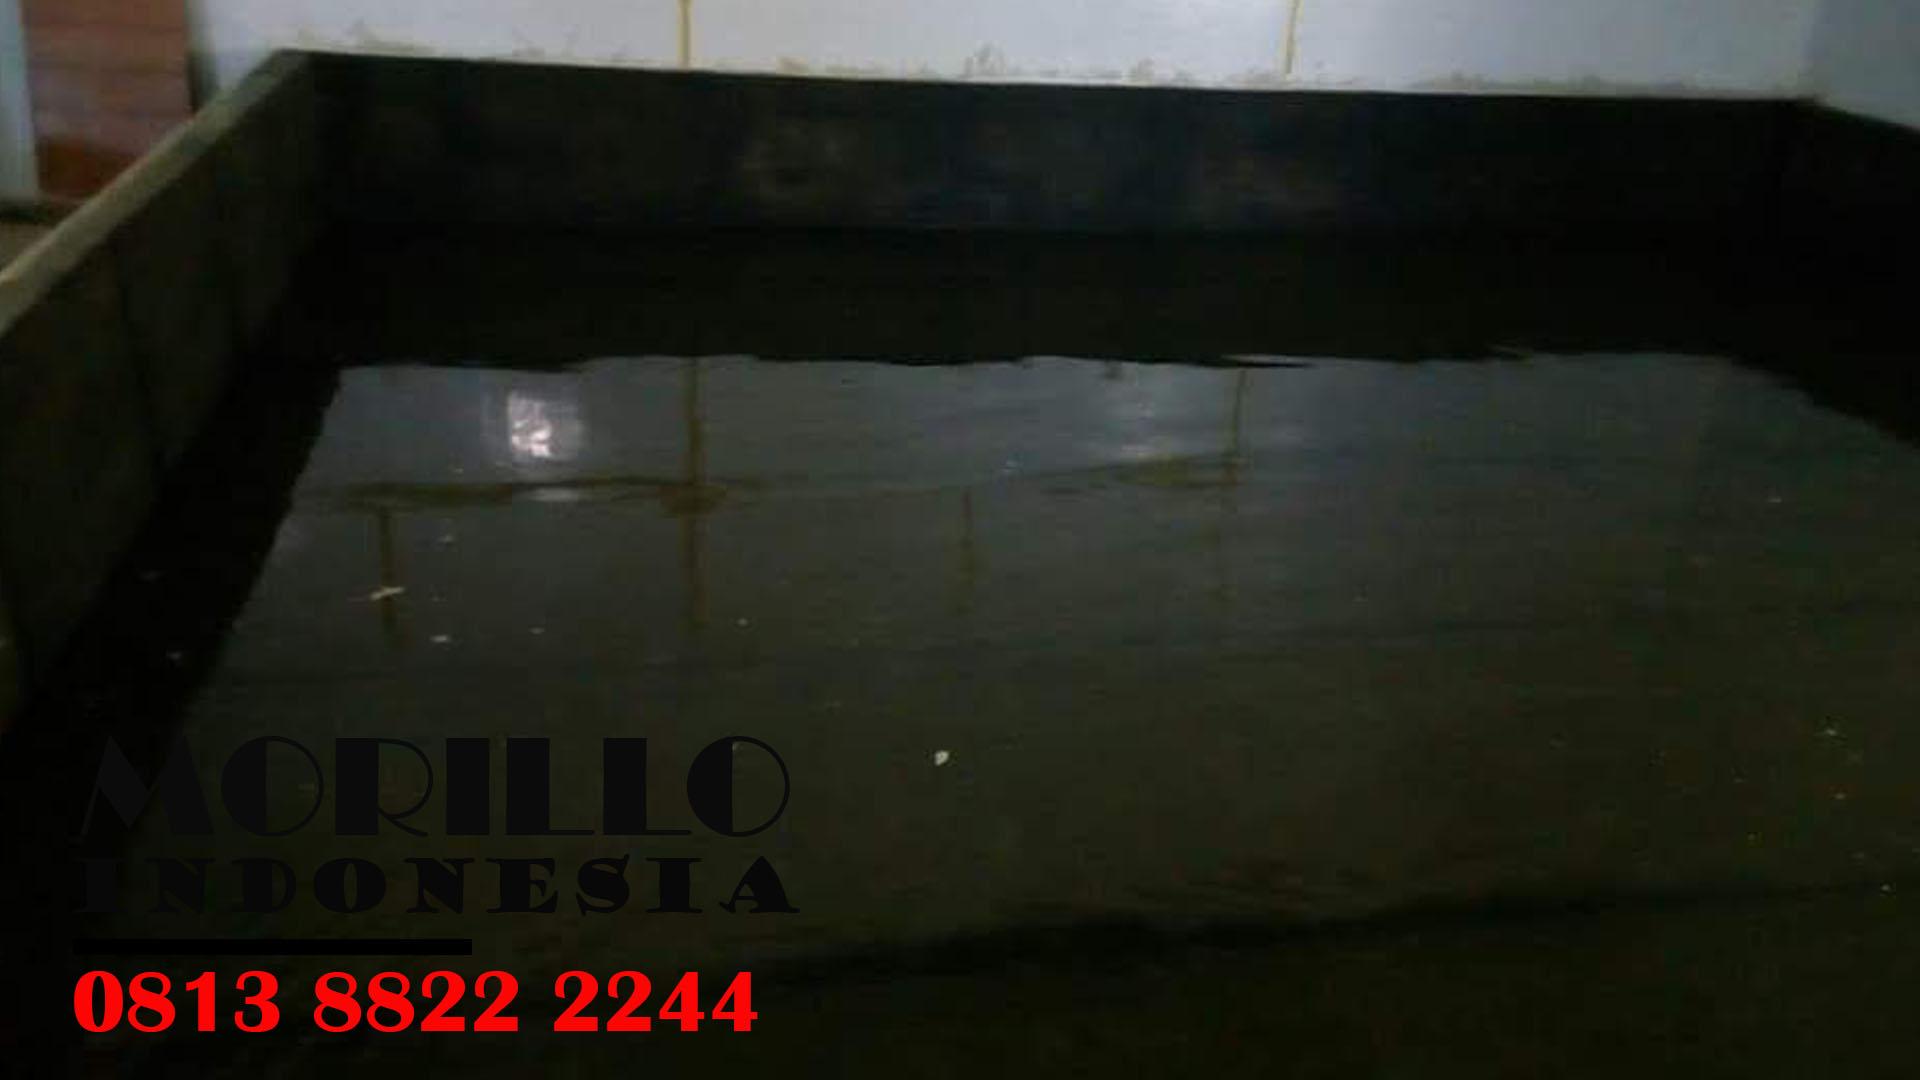 DISTRIBUTOR WATERPROOFING MEMBRAN di PEKALONGAN TELEPON KAMI : 081388222244